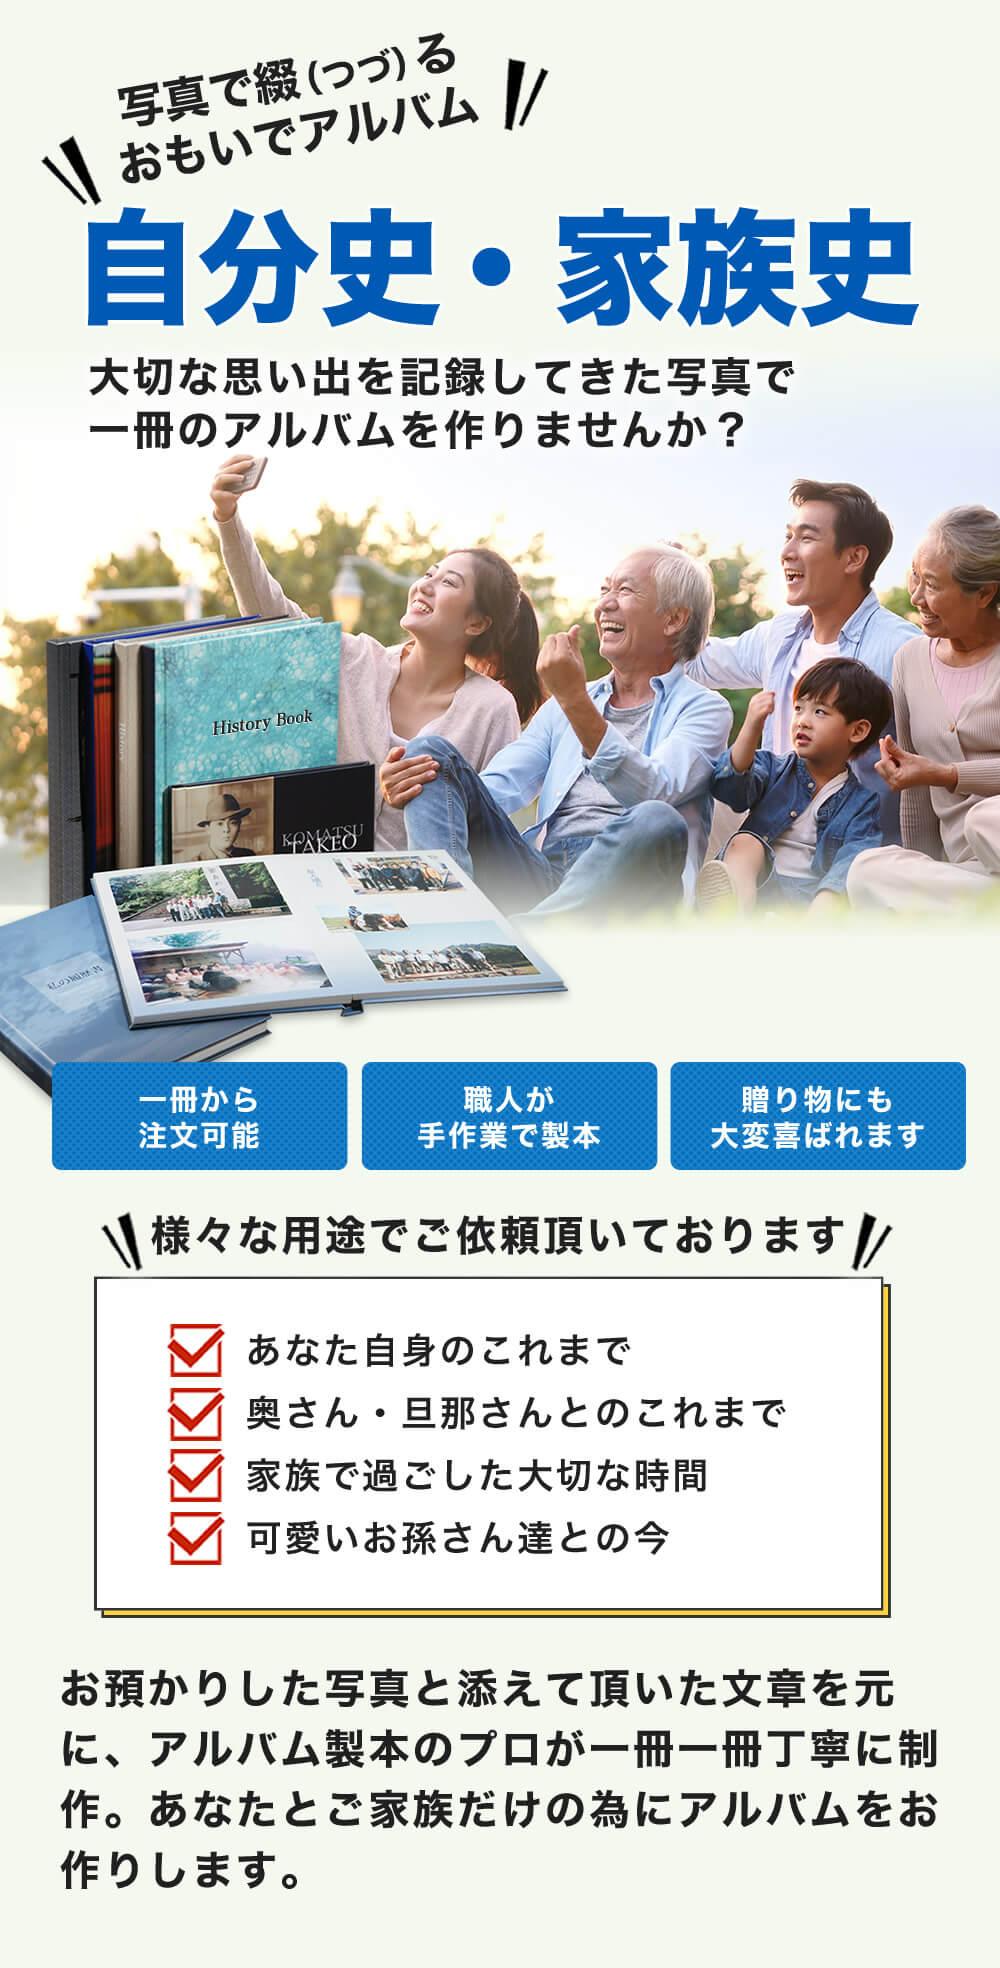 写真で綴(つづ)るおもいでアルバム「自分史・家族史」大切な思い出を記録してきた写真で一冊のアルバムを作りませんか?